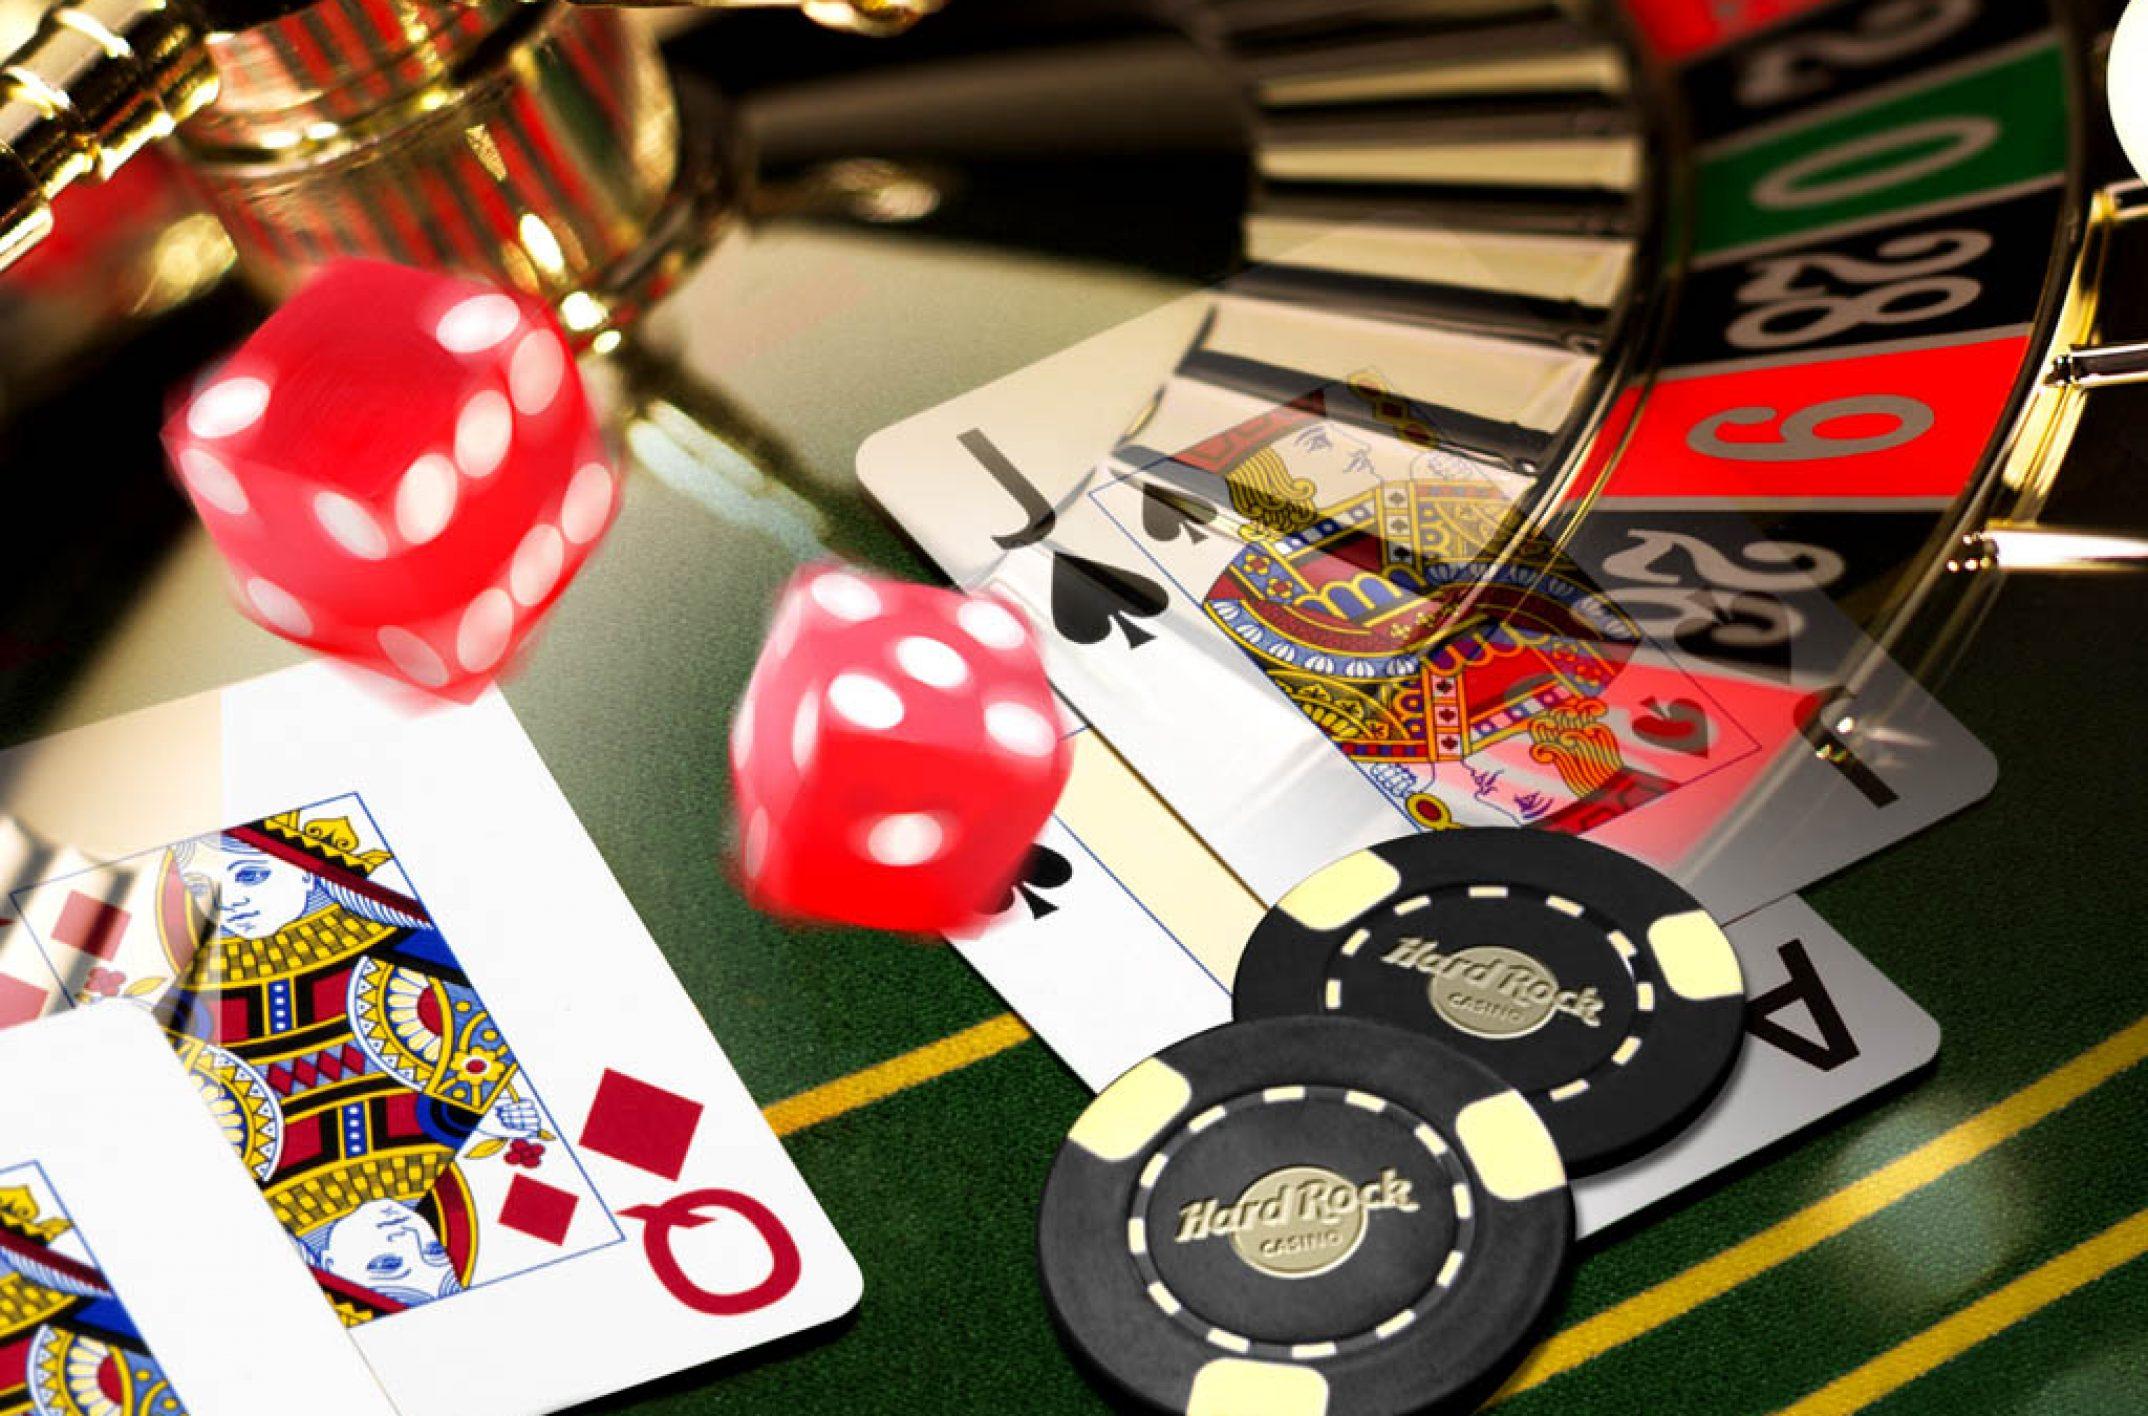 Les jeux d'argent en ligne se libéralisent en Europe - Blog de jeux vidéo